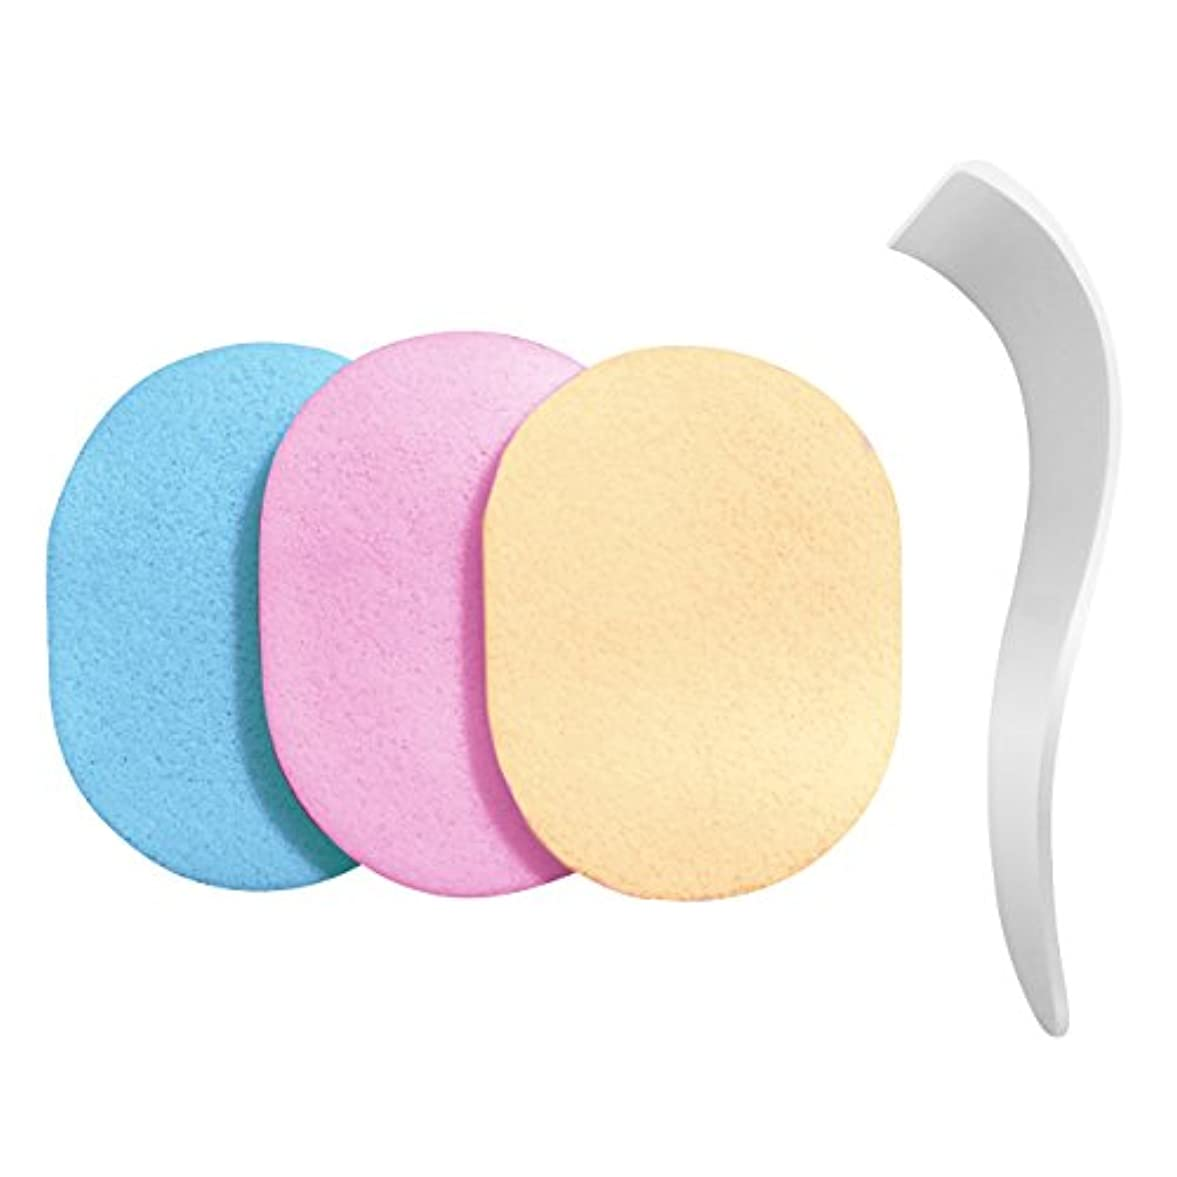 【除毛用】s-fit 専用ヘラ スポンジ 洗って使える 3色セット 100%PVA 除毛クリーム専用 メンズ レディース